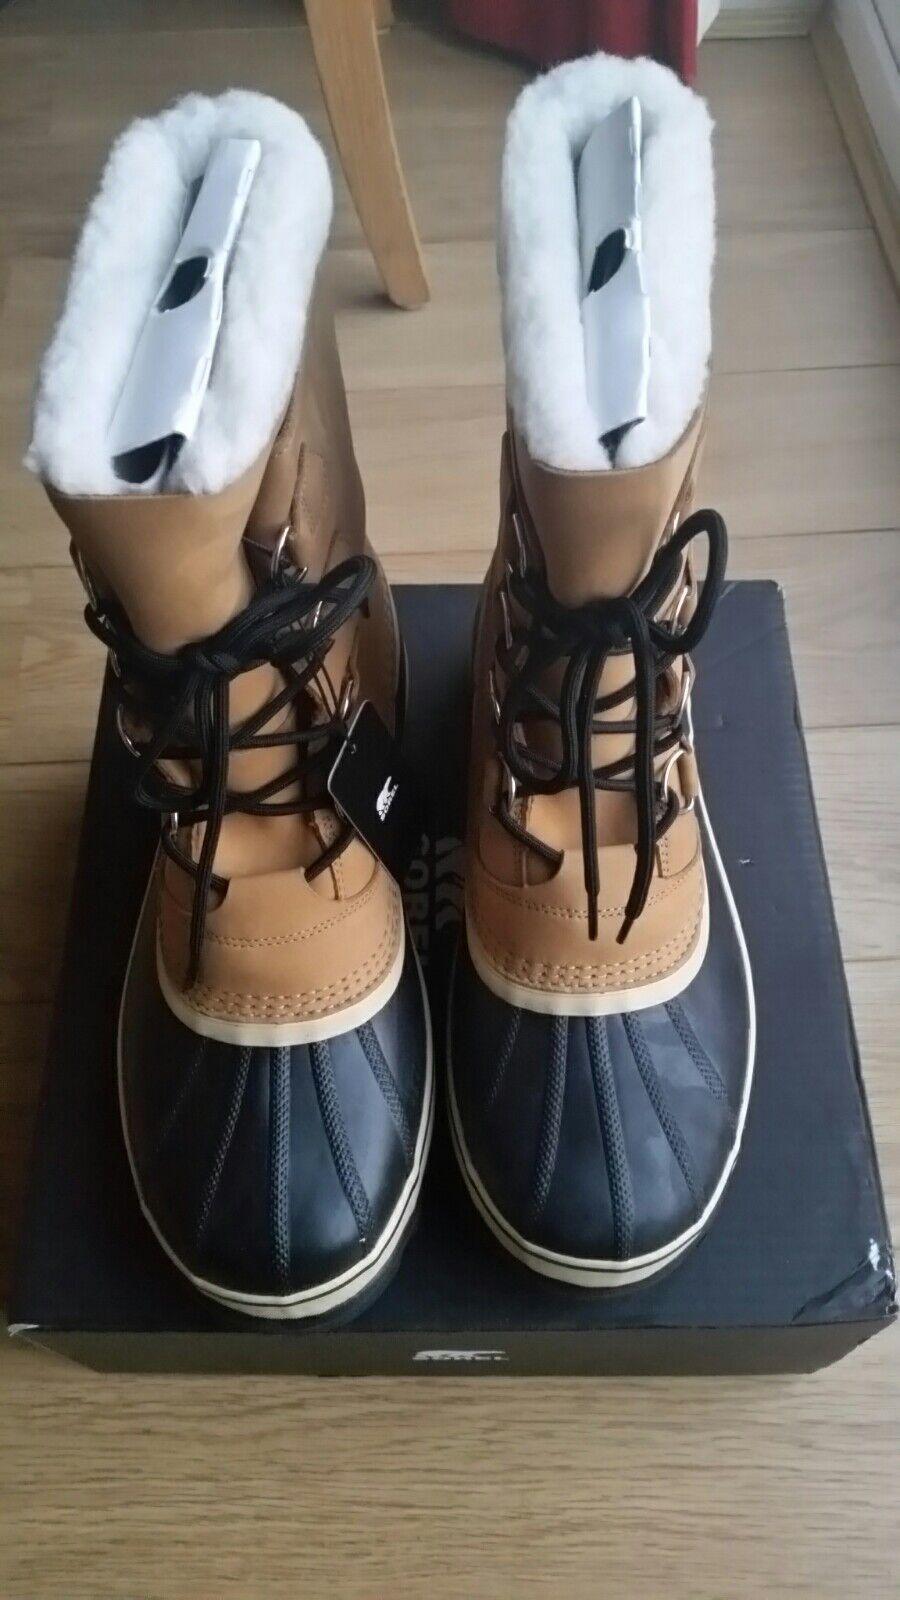 Sorel Caribou Caribou Caribou Lana Pelliccia Sintetica Stivali Uomo-Buff/chamios UK Taglia 9.5/nuovo con scatola. aa4eaf